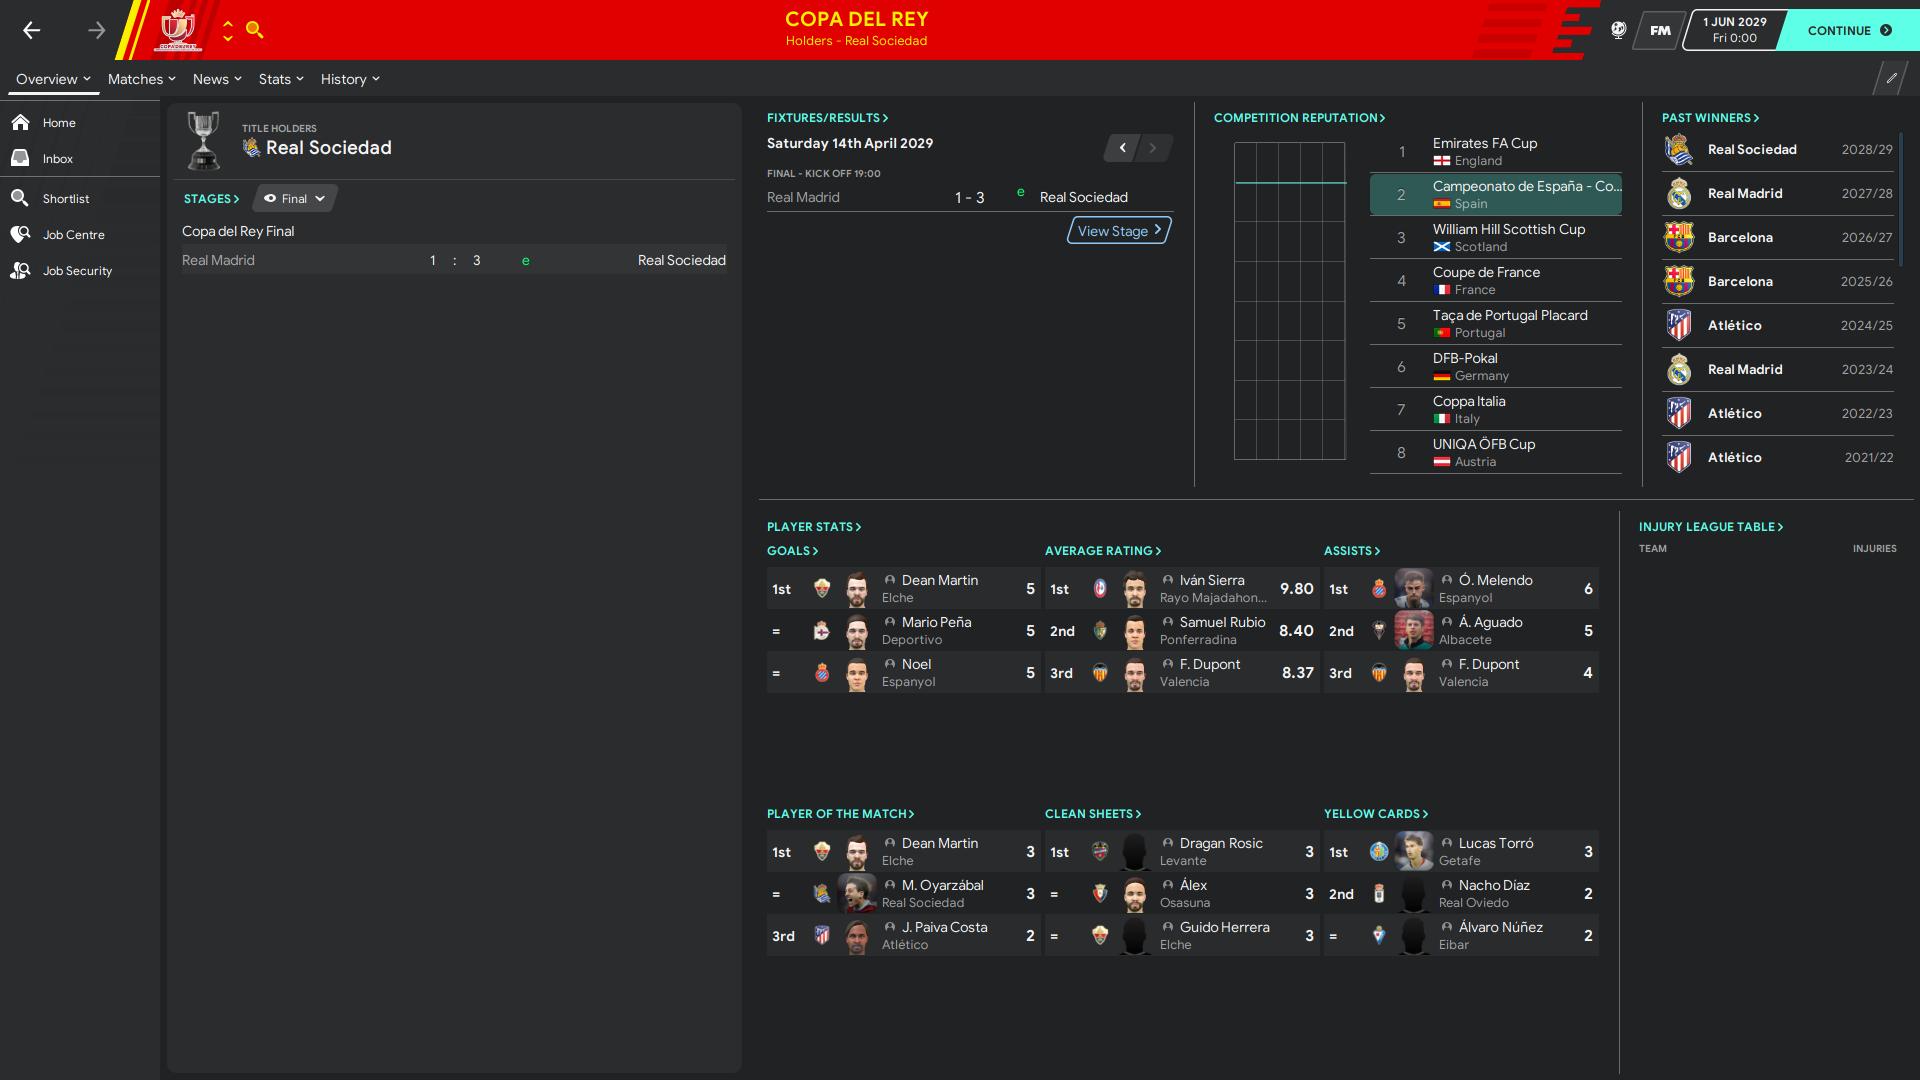 Copa del Rey_ Profile.png